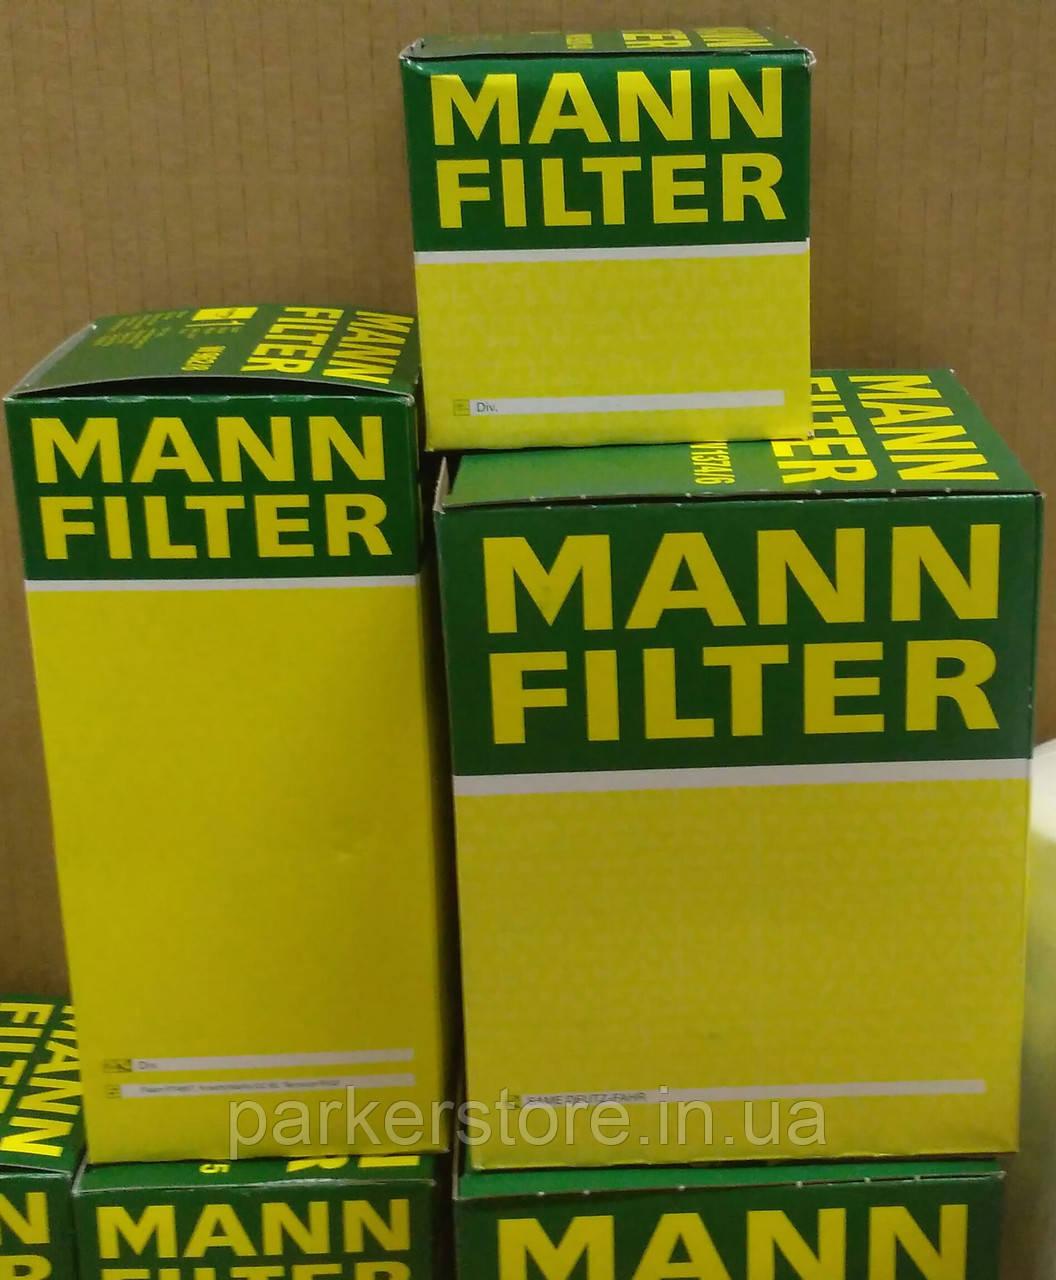 MANN FILTER / Повітряний фільтр / C 25 111 / C25111